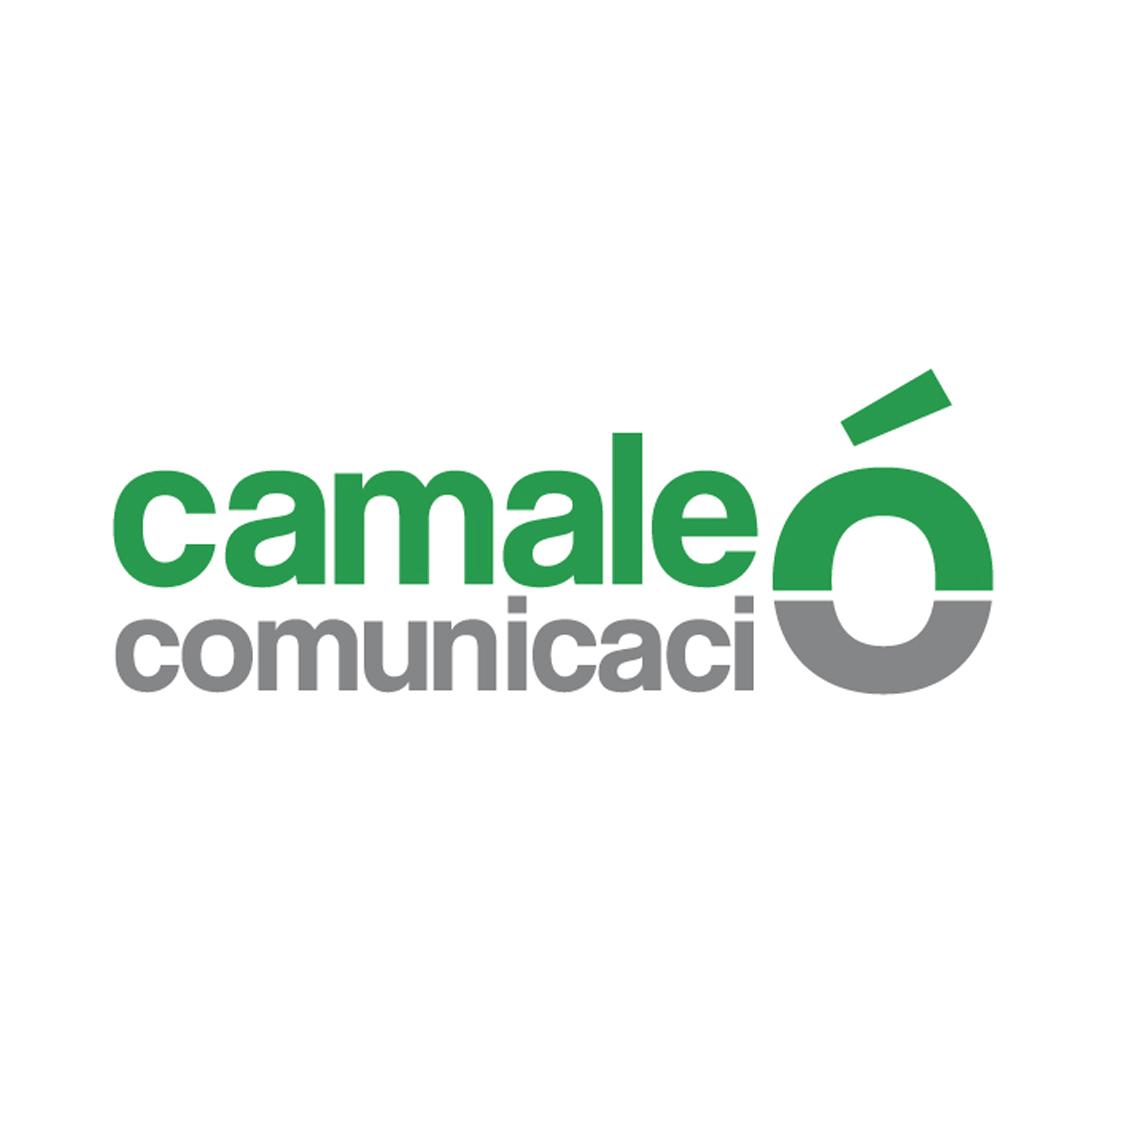 Camaleo comunicació